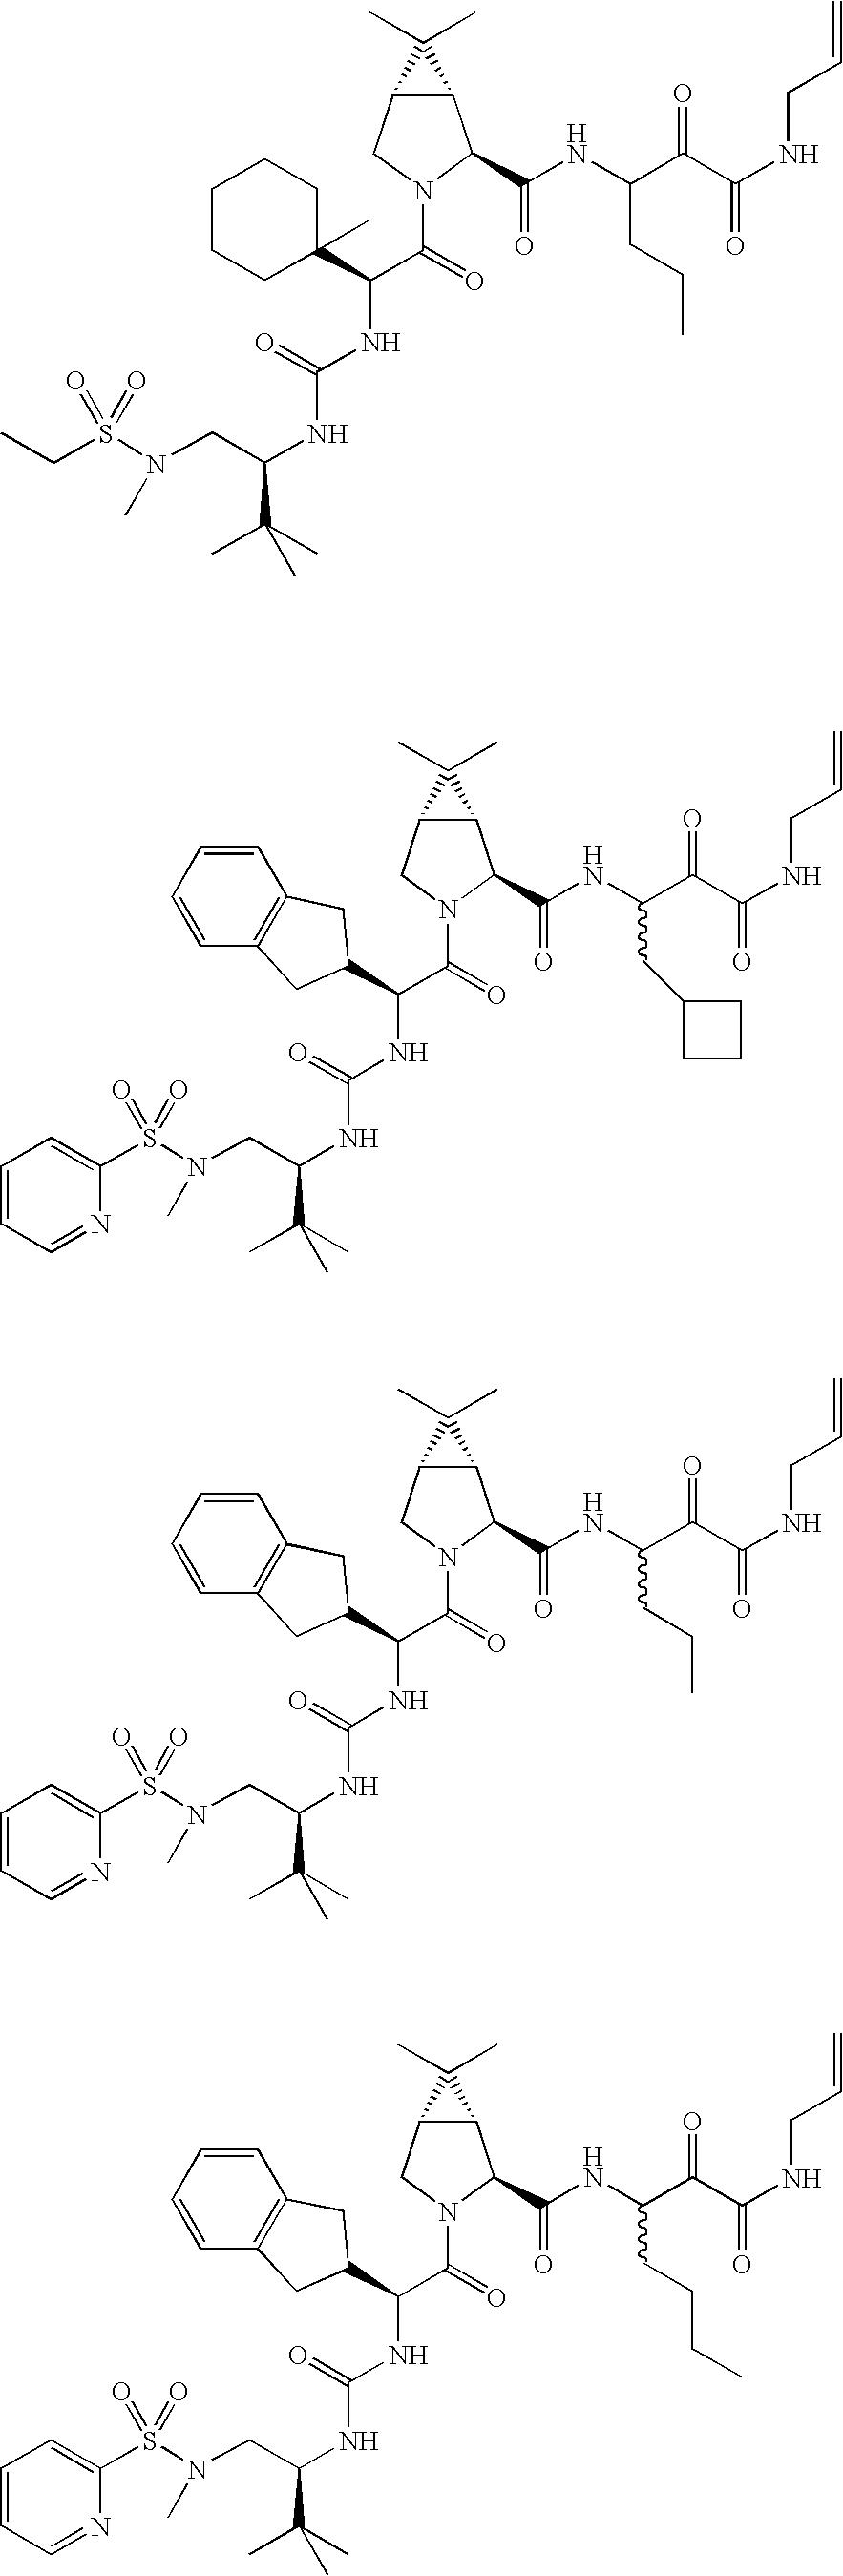 Figure US20060287248A1-20061221-C00351